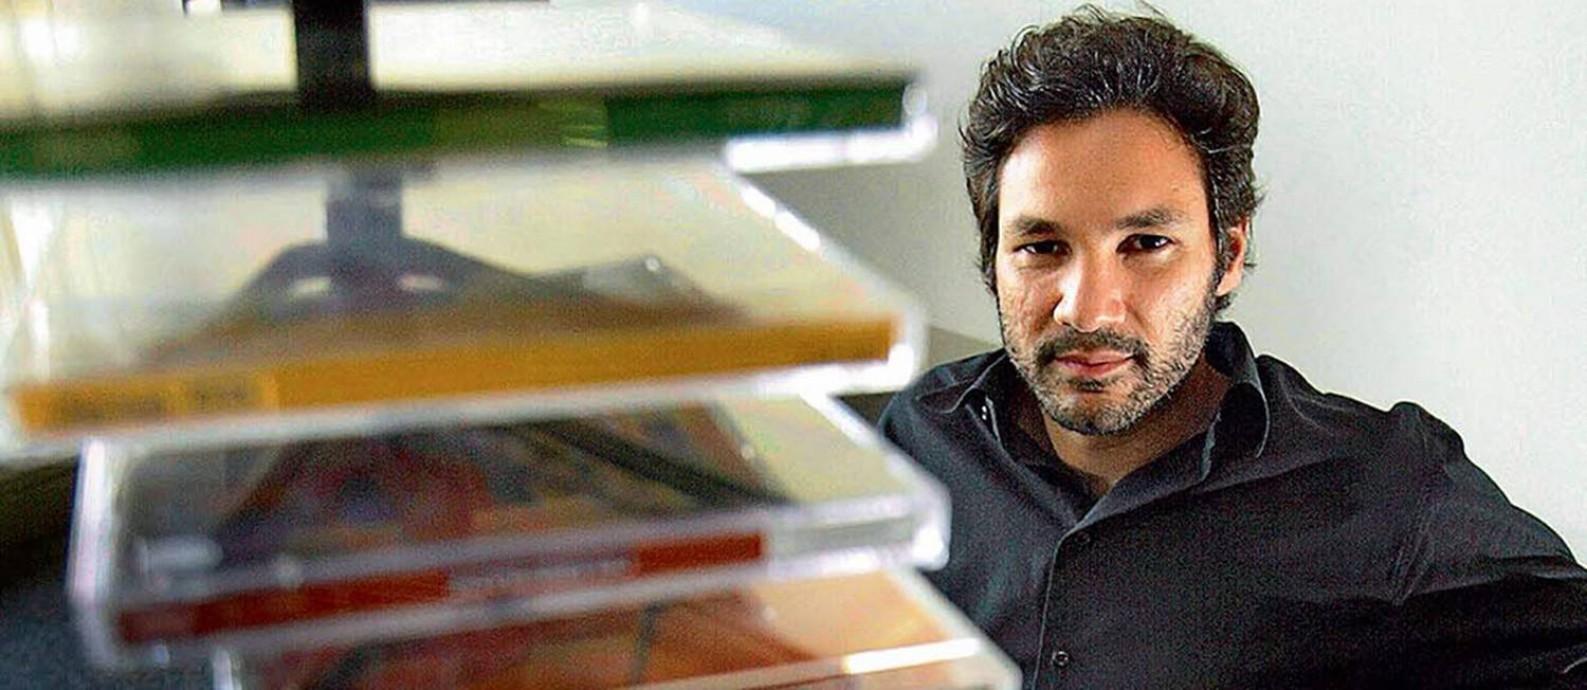 Alexandre Schiavo começou como estagiário e chegou à vice-presidência da gravadora Sony Foto: Mônica Imbuzeiro / Agência O Globo